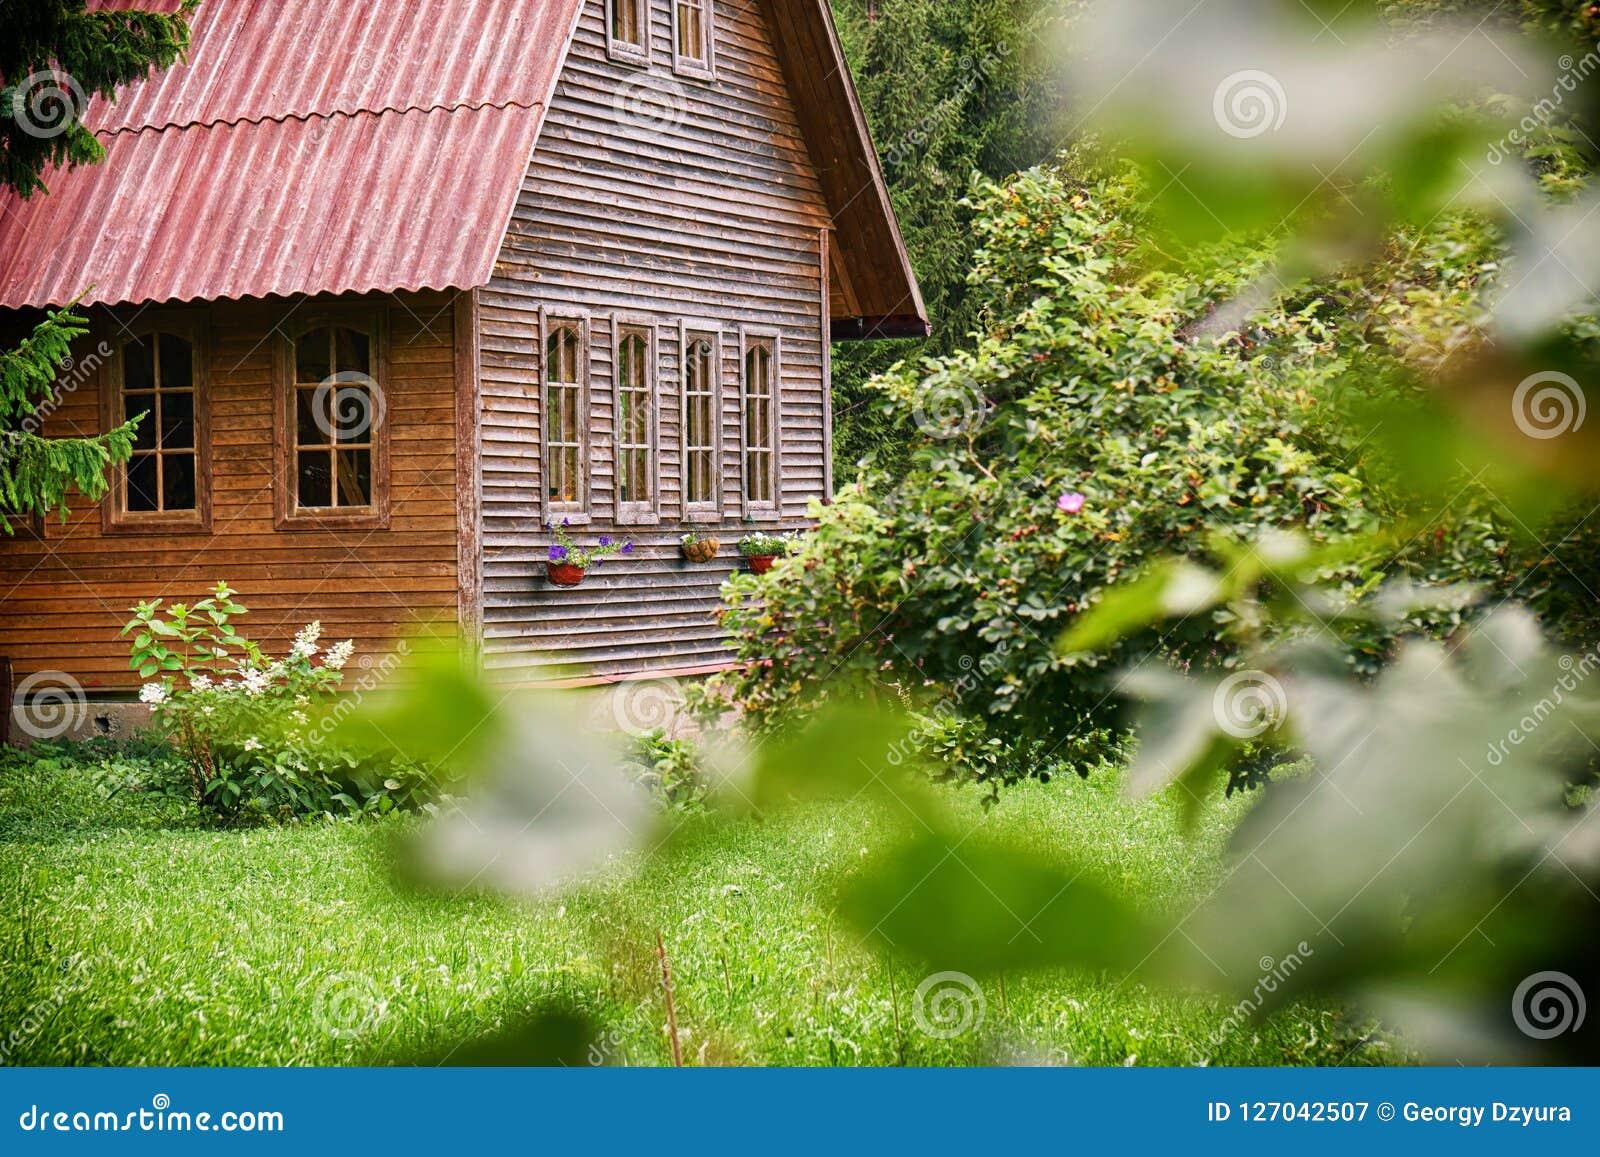 Casette Russe Di Campagna casa di legno suburbana con un tetto rosso nel giardino